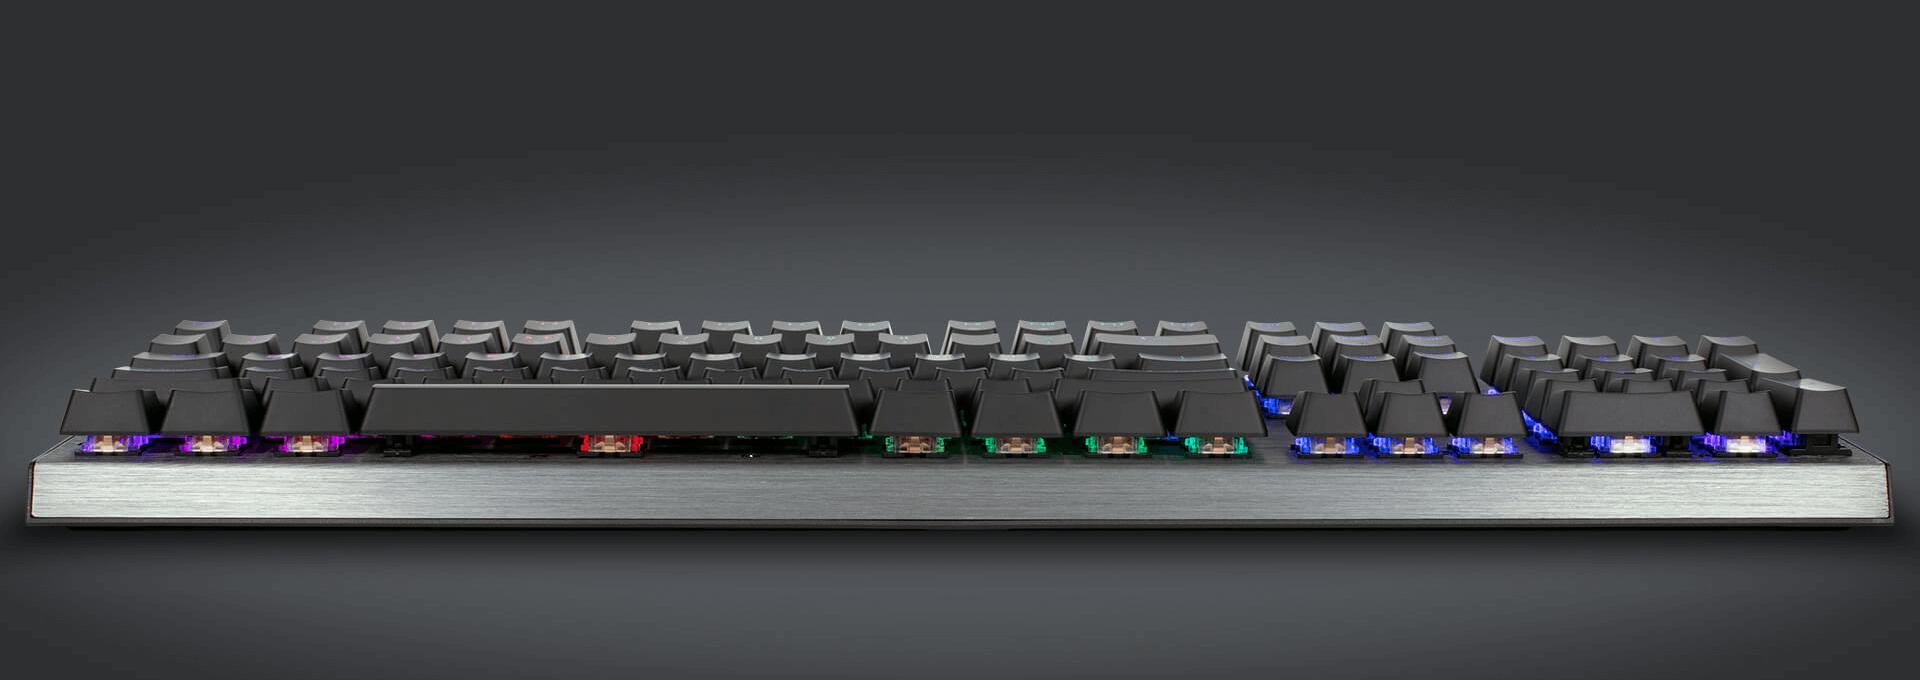 Bàn phím Cooler Master CK350 V2 (USB/RGB/Blue sw) có thiết kế layout tiêu chuẩn